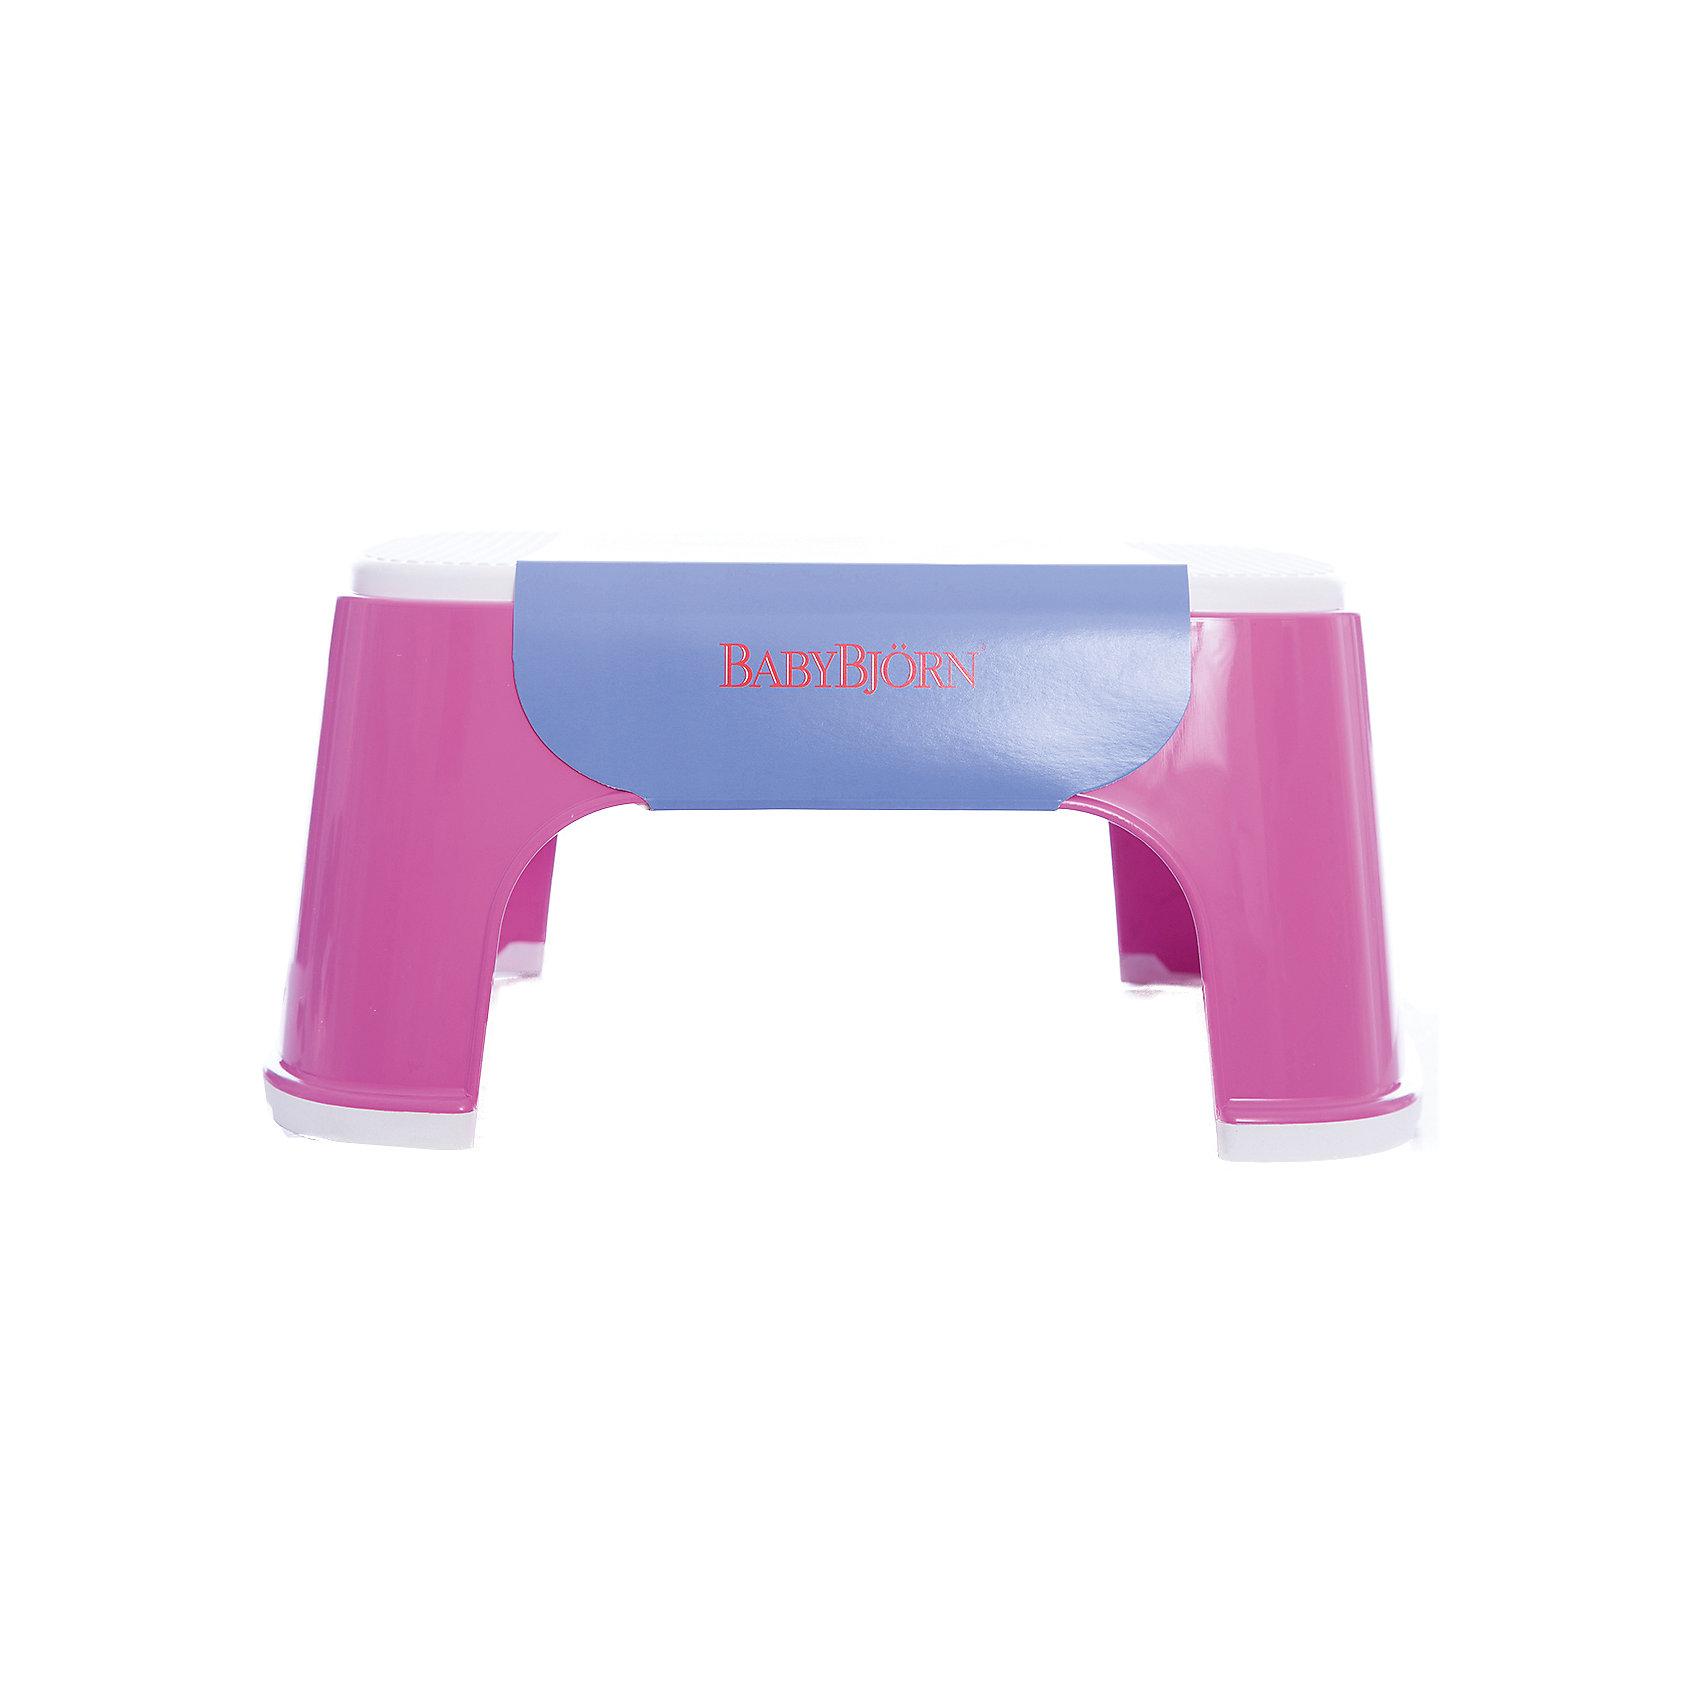 Стульчик-подставка BabyBjorn, розовыйГоршки, сиденья для унитаза, стульчики-подставки<br>Стульчик-подставка BabyBjorn (БэйбиБьёрн) - безопасный шаг наверх! <br><br>Со стульчиком-подставкой Ваш ребенок легко и спокойно  может почистить зубы или вымыть руки, не обращаясь к Вам за помощью. Резиновая поверхность стульчика-подставки создана для того, чтобы ребенок не поскользнулся, даже если его ножки мокрые. Надежная резиновая прокладка на основании предотвращает скольжение  подставки. <br><br>Стульчик легко содержать в чистоте - просто ополосните его под краном. <br><br>Широкая цветовая гамма дает возможность выбрать максимально подходящий для вашей ванной комнаты цвет.<br><br>Проверено немецкой службой технического контроля T?V. <br><br>Размер: 35 х 24 х 16 см.<br>Максимальный вес для BABYBJ?RN Стульчика–подставки не установлен. Изделие предназначено для детей. BABYBJ?RN Стульчик–подставка достаточно прочен, чтобы выдержать взрослого, но он  однозначно рассчитан на детей.<br><br>Стульчик-подставку BabyBjorn розового цвета можно купить в нашем интернет-магазине.<br><br>Ширина мм: 315<br>Глубина мм: 155<br>Высота мм: 240<br>Вес г: 550<br>Возраст от месяцев: 12<br>Возраст до месяцев: 60<br>Пол: Женский<br>Возраст: Детский<br>SKU: 2157596